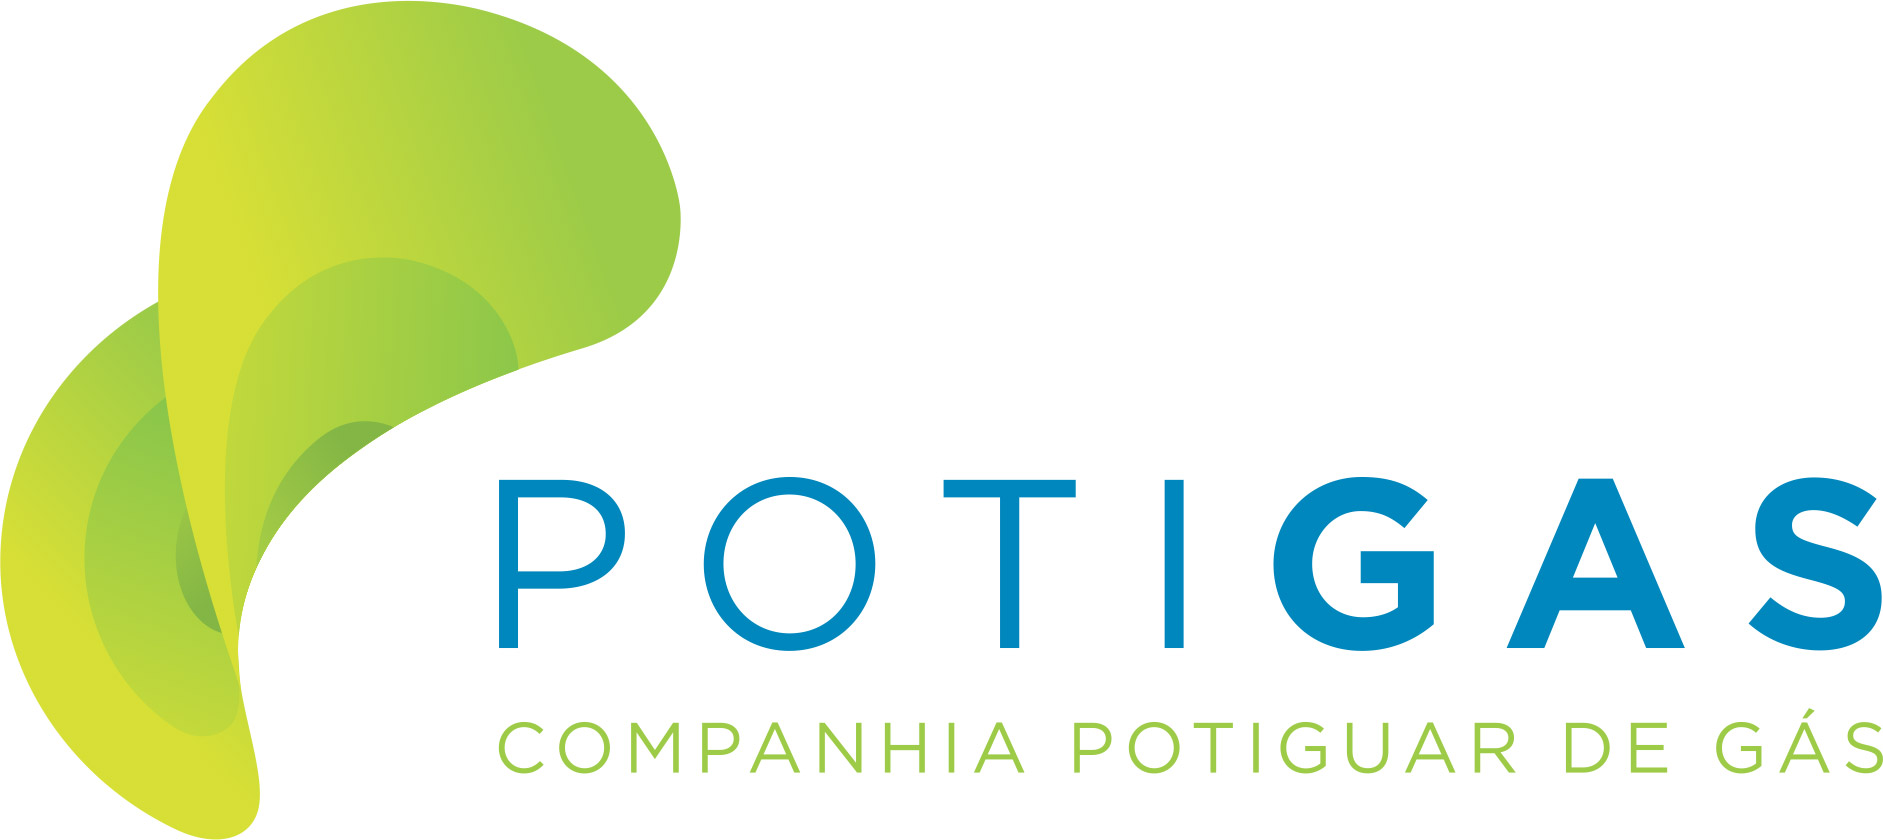 Resultado de imagem para Potigás teve resultado histórico em 2017